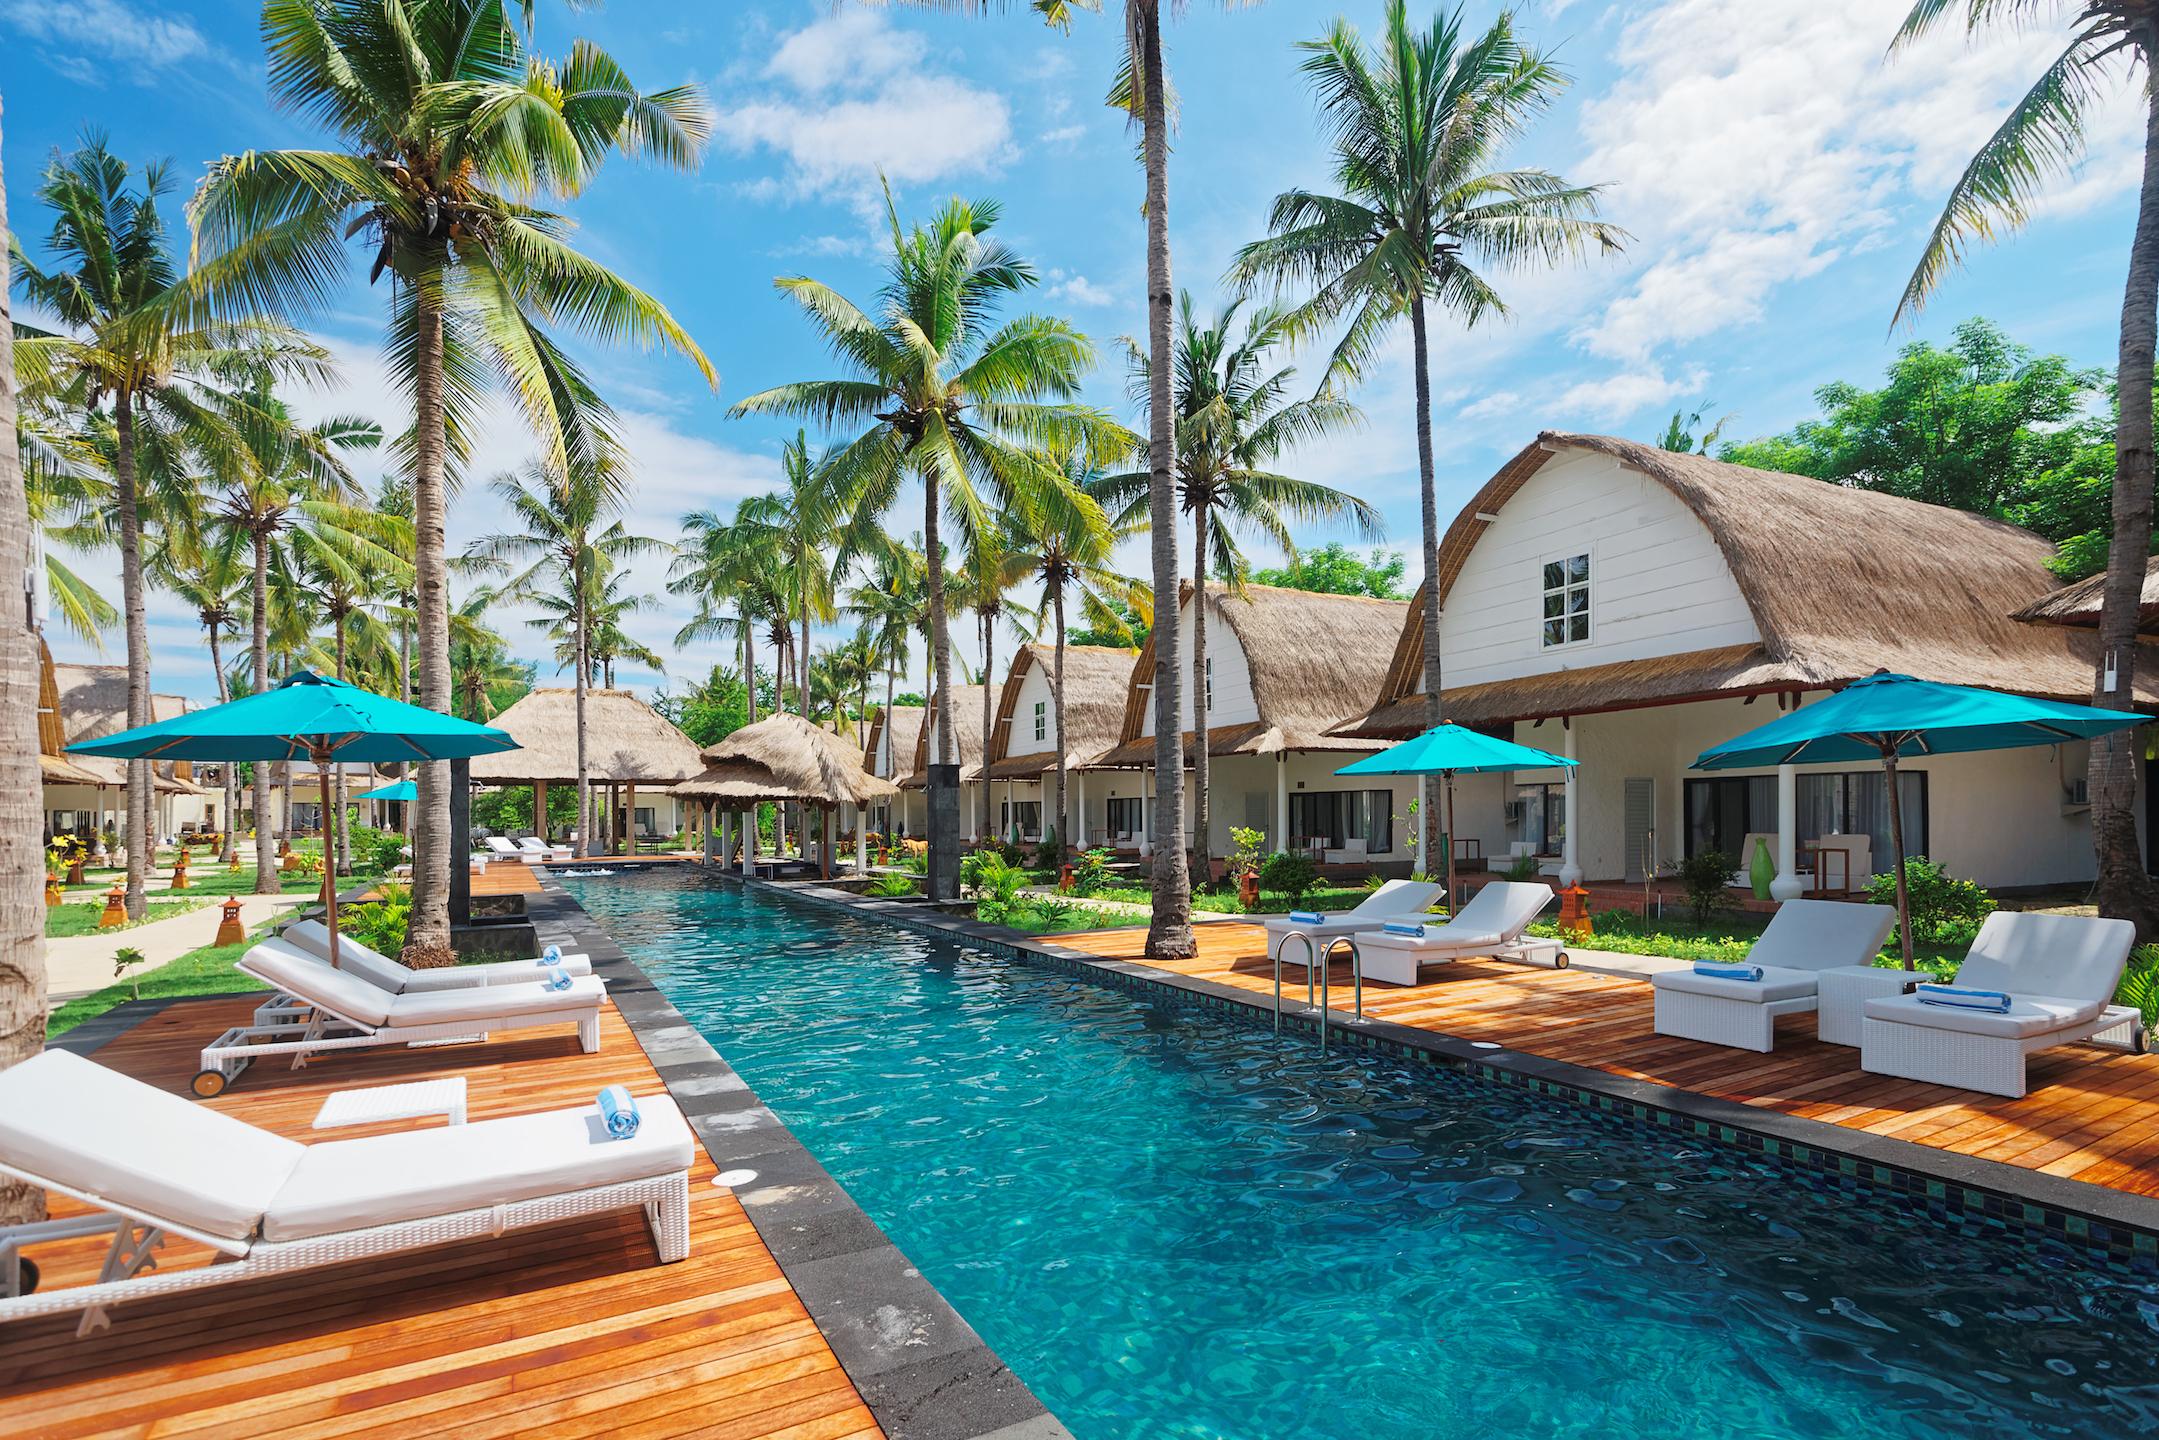 Jambuluwuk Oceano Resort - Swimming Pool and rooms.jpg